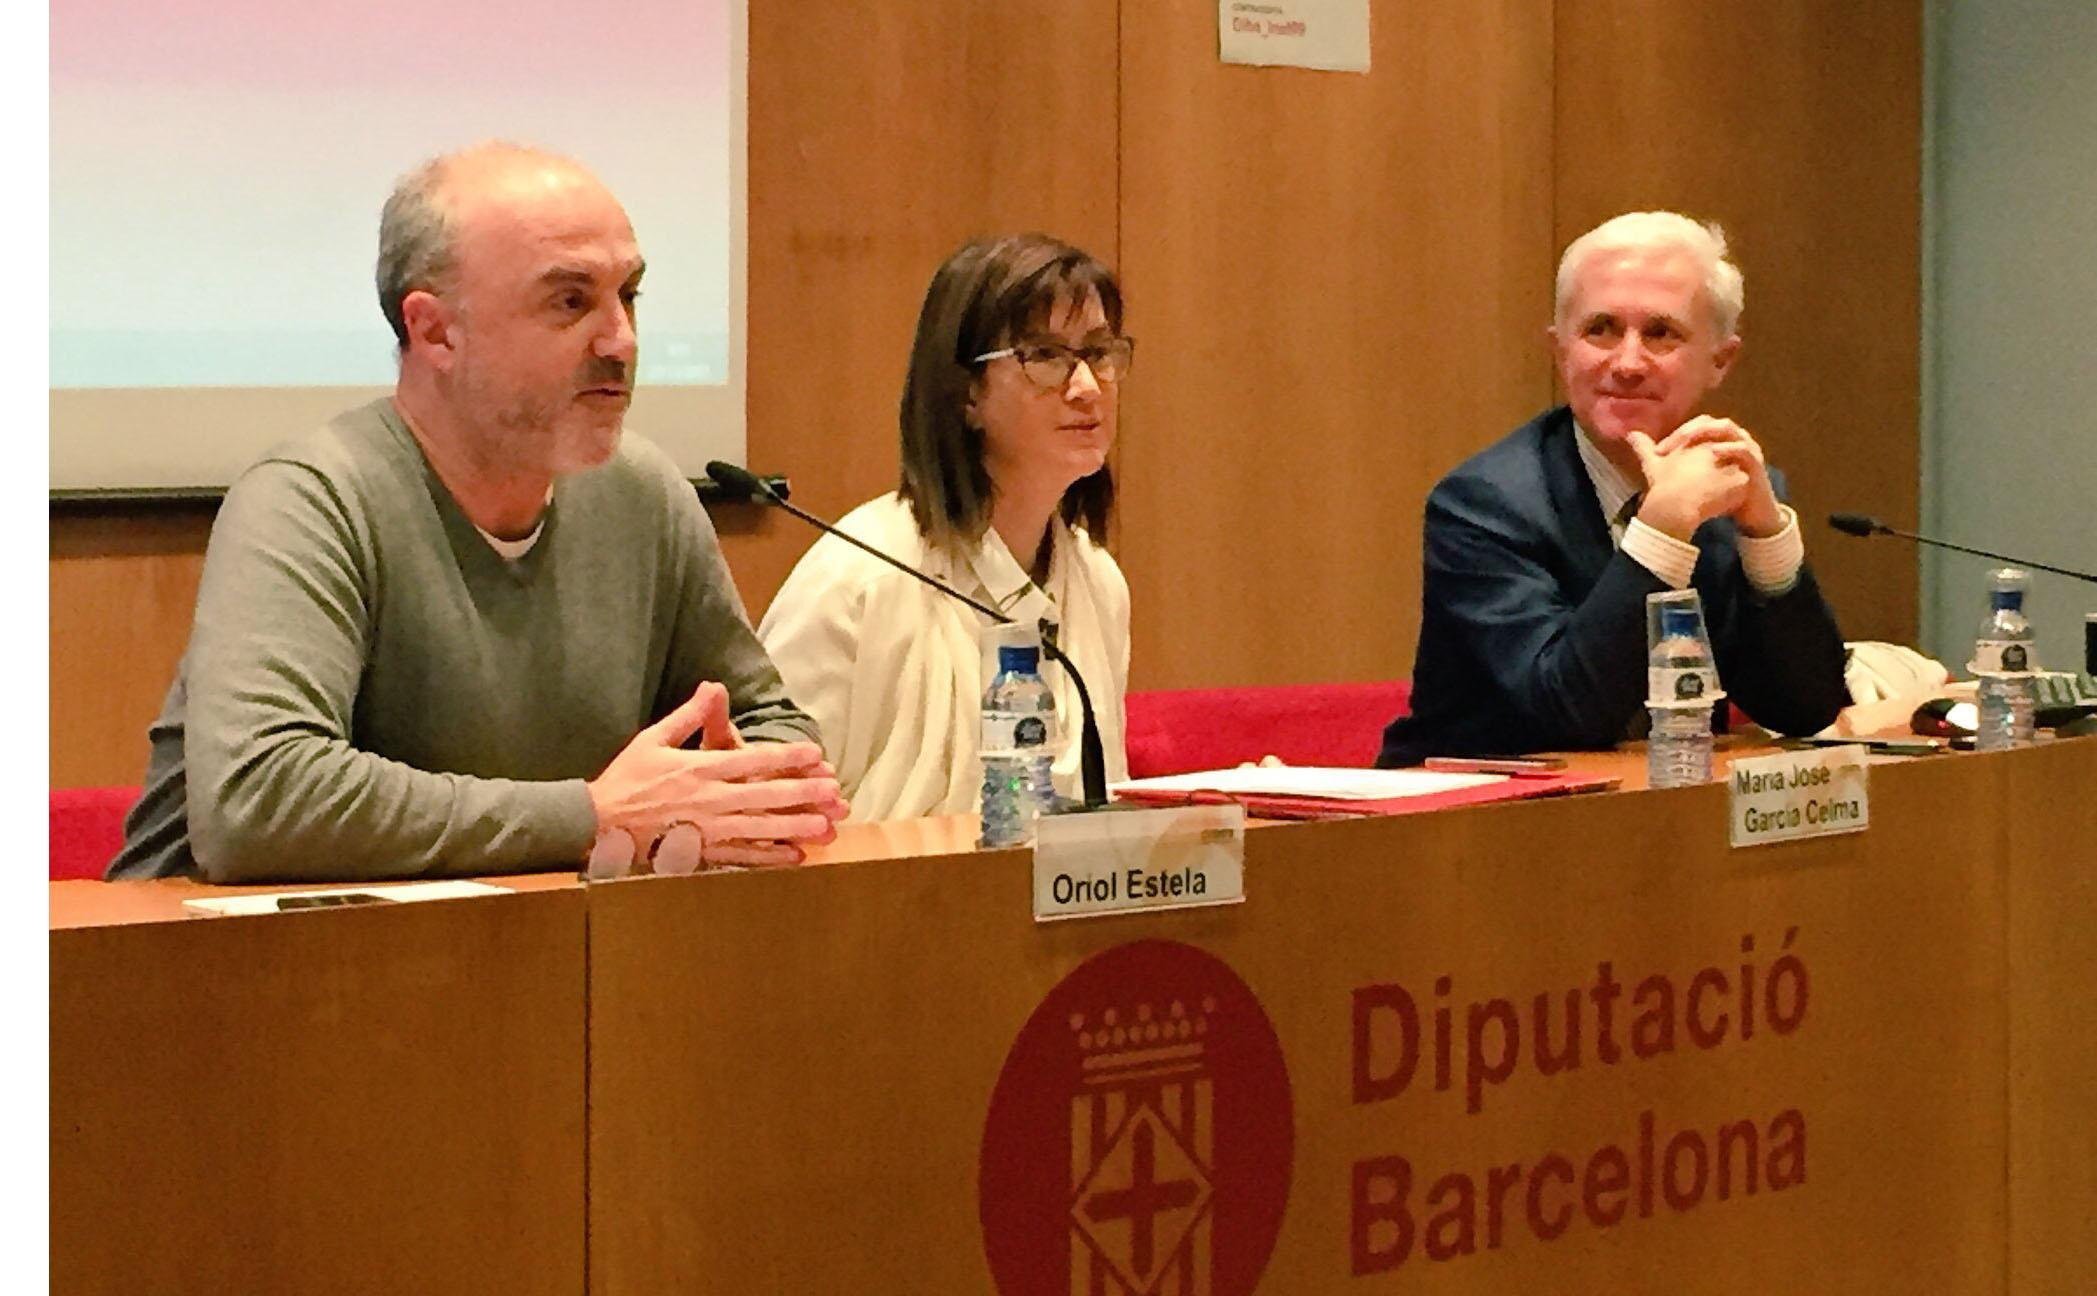 Oriol Estela, María José Celma i Andreu Calori